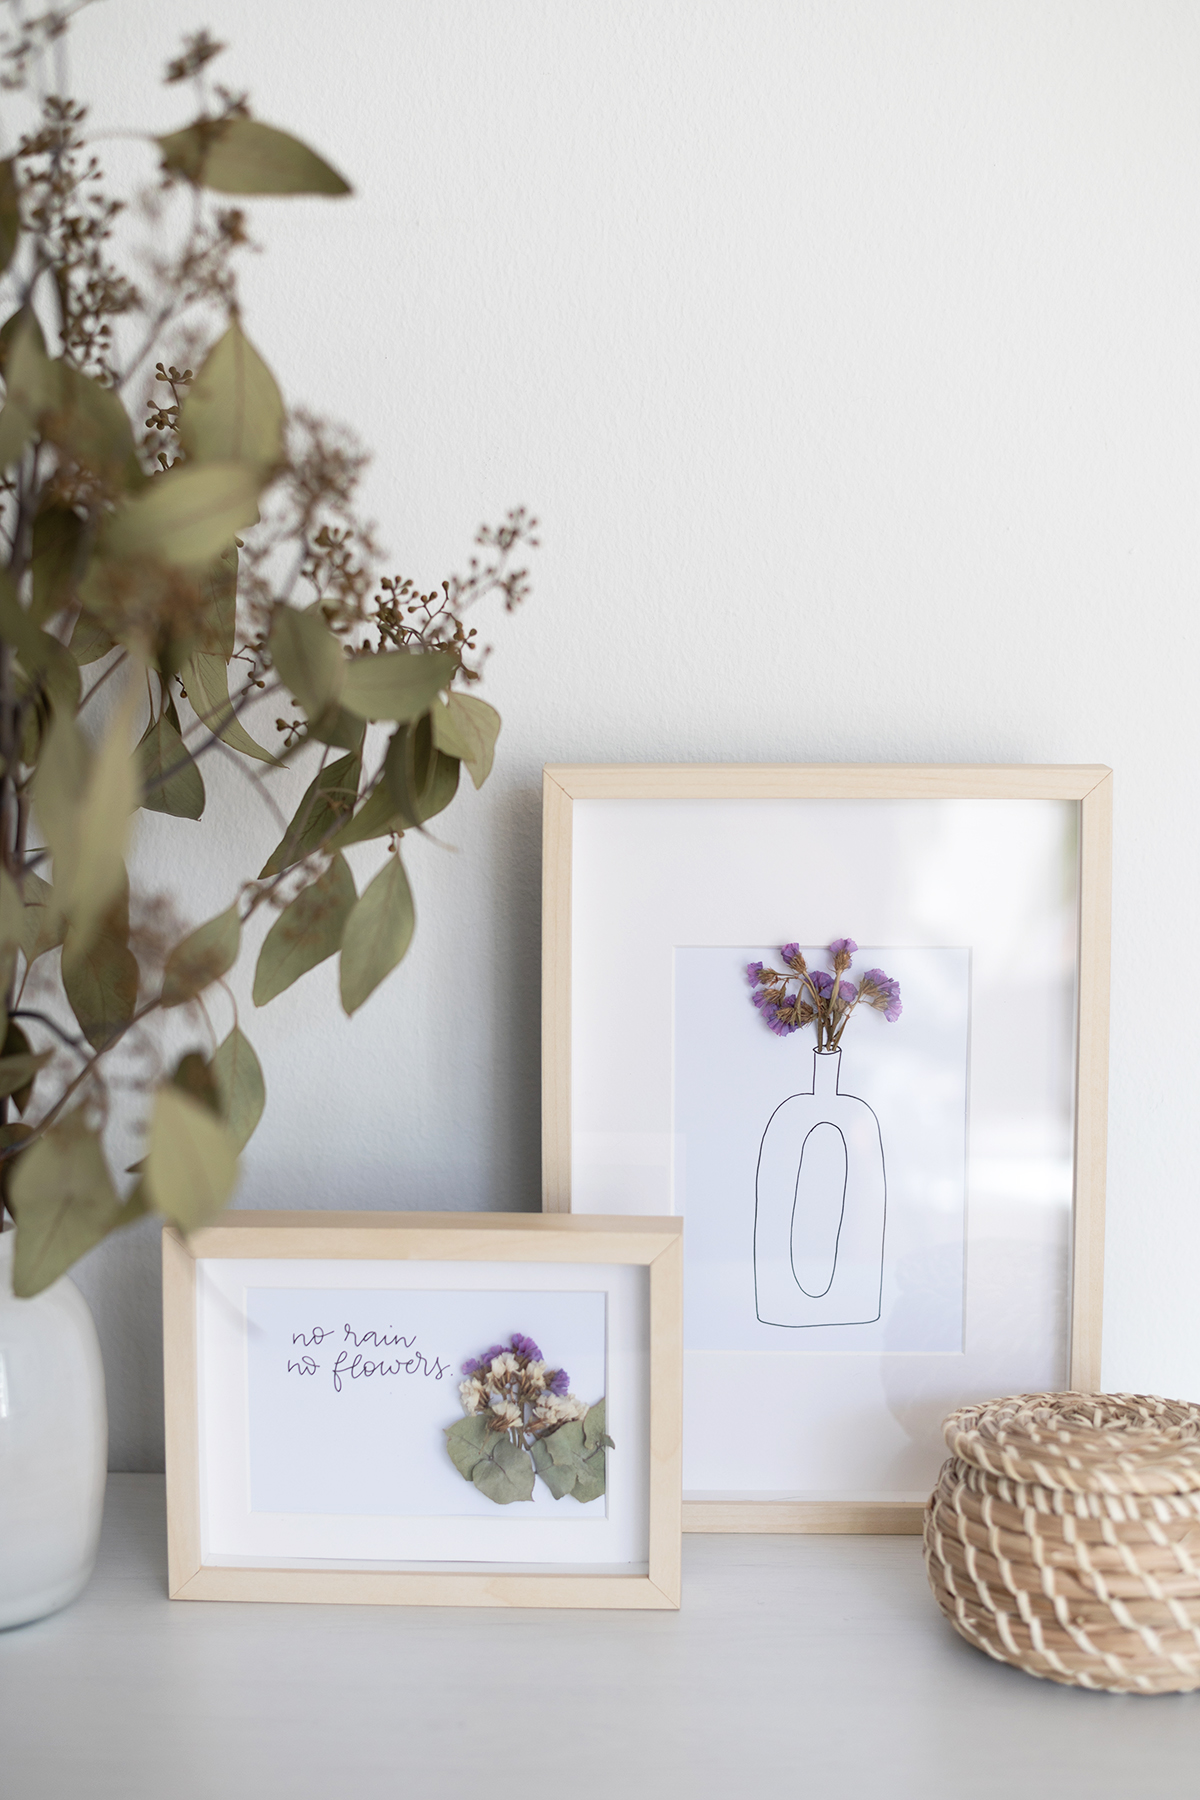 Trockenblumen-Bilder selber machen | we love handmade